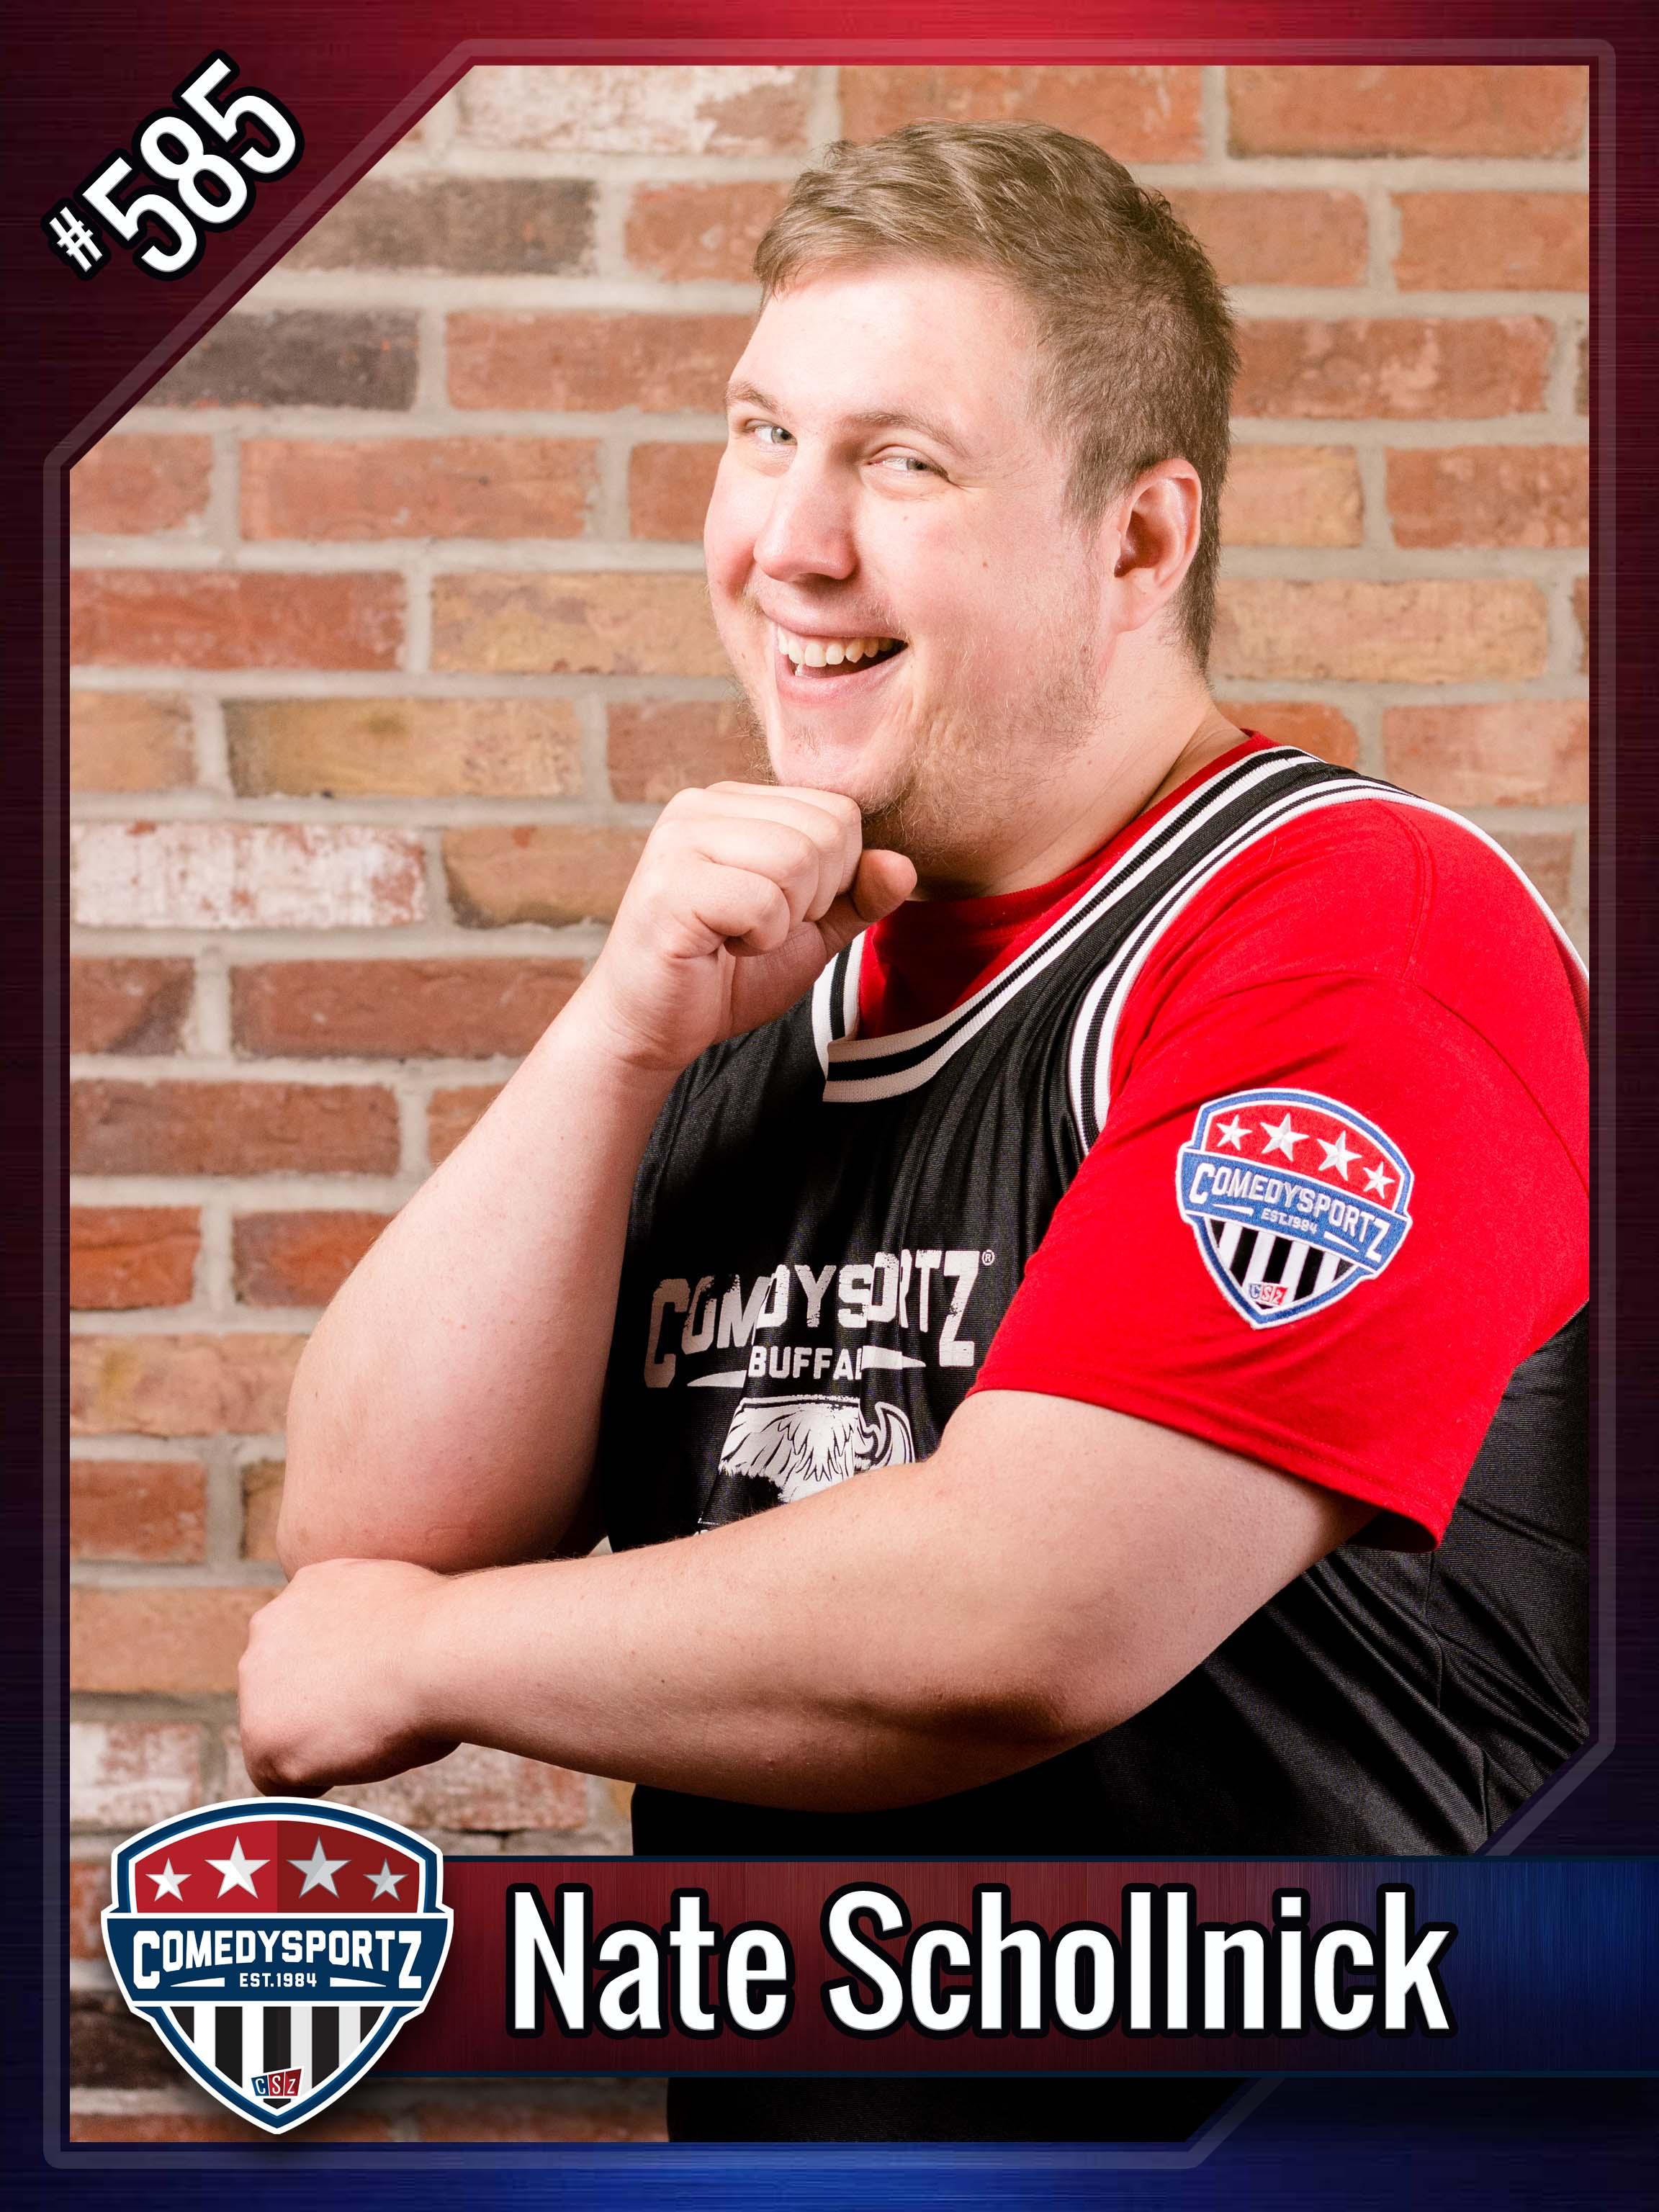 Red-NateSchollnick